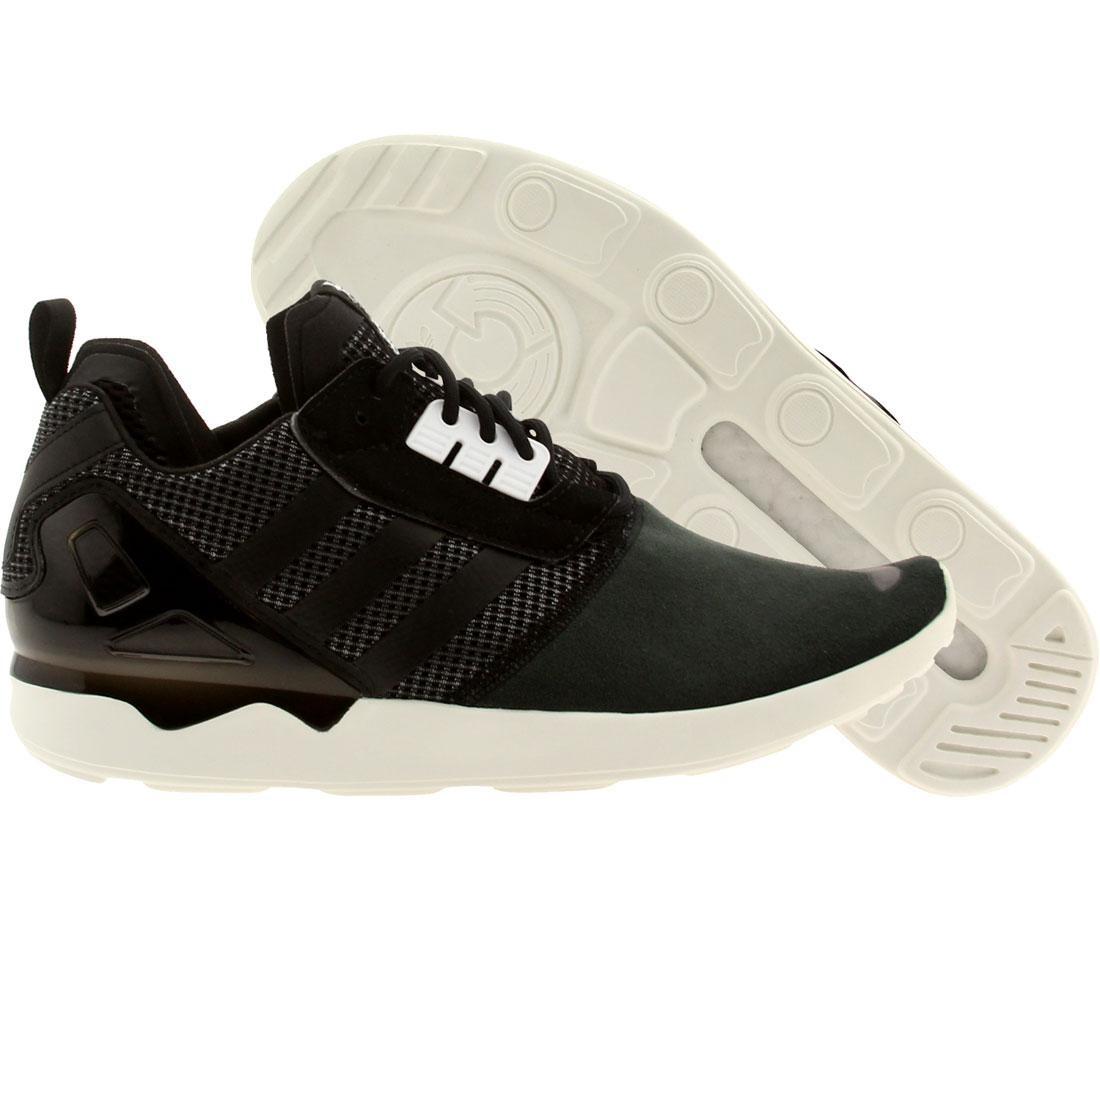 【海外限定】アディダス ブースト 靴 スニーカー 【 ADIDAS MEN ZX 8000 BOOST BLACK WHITE 】